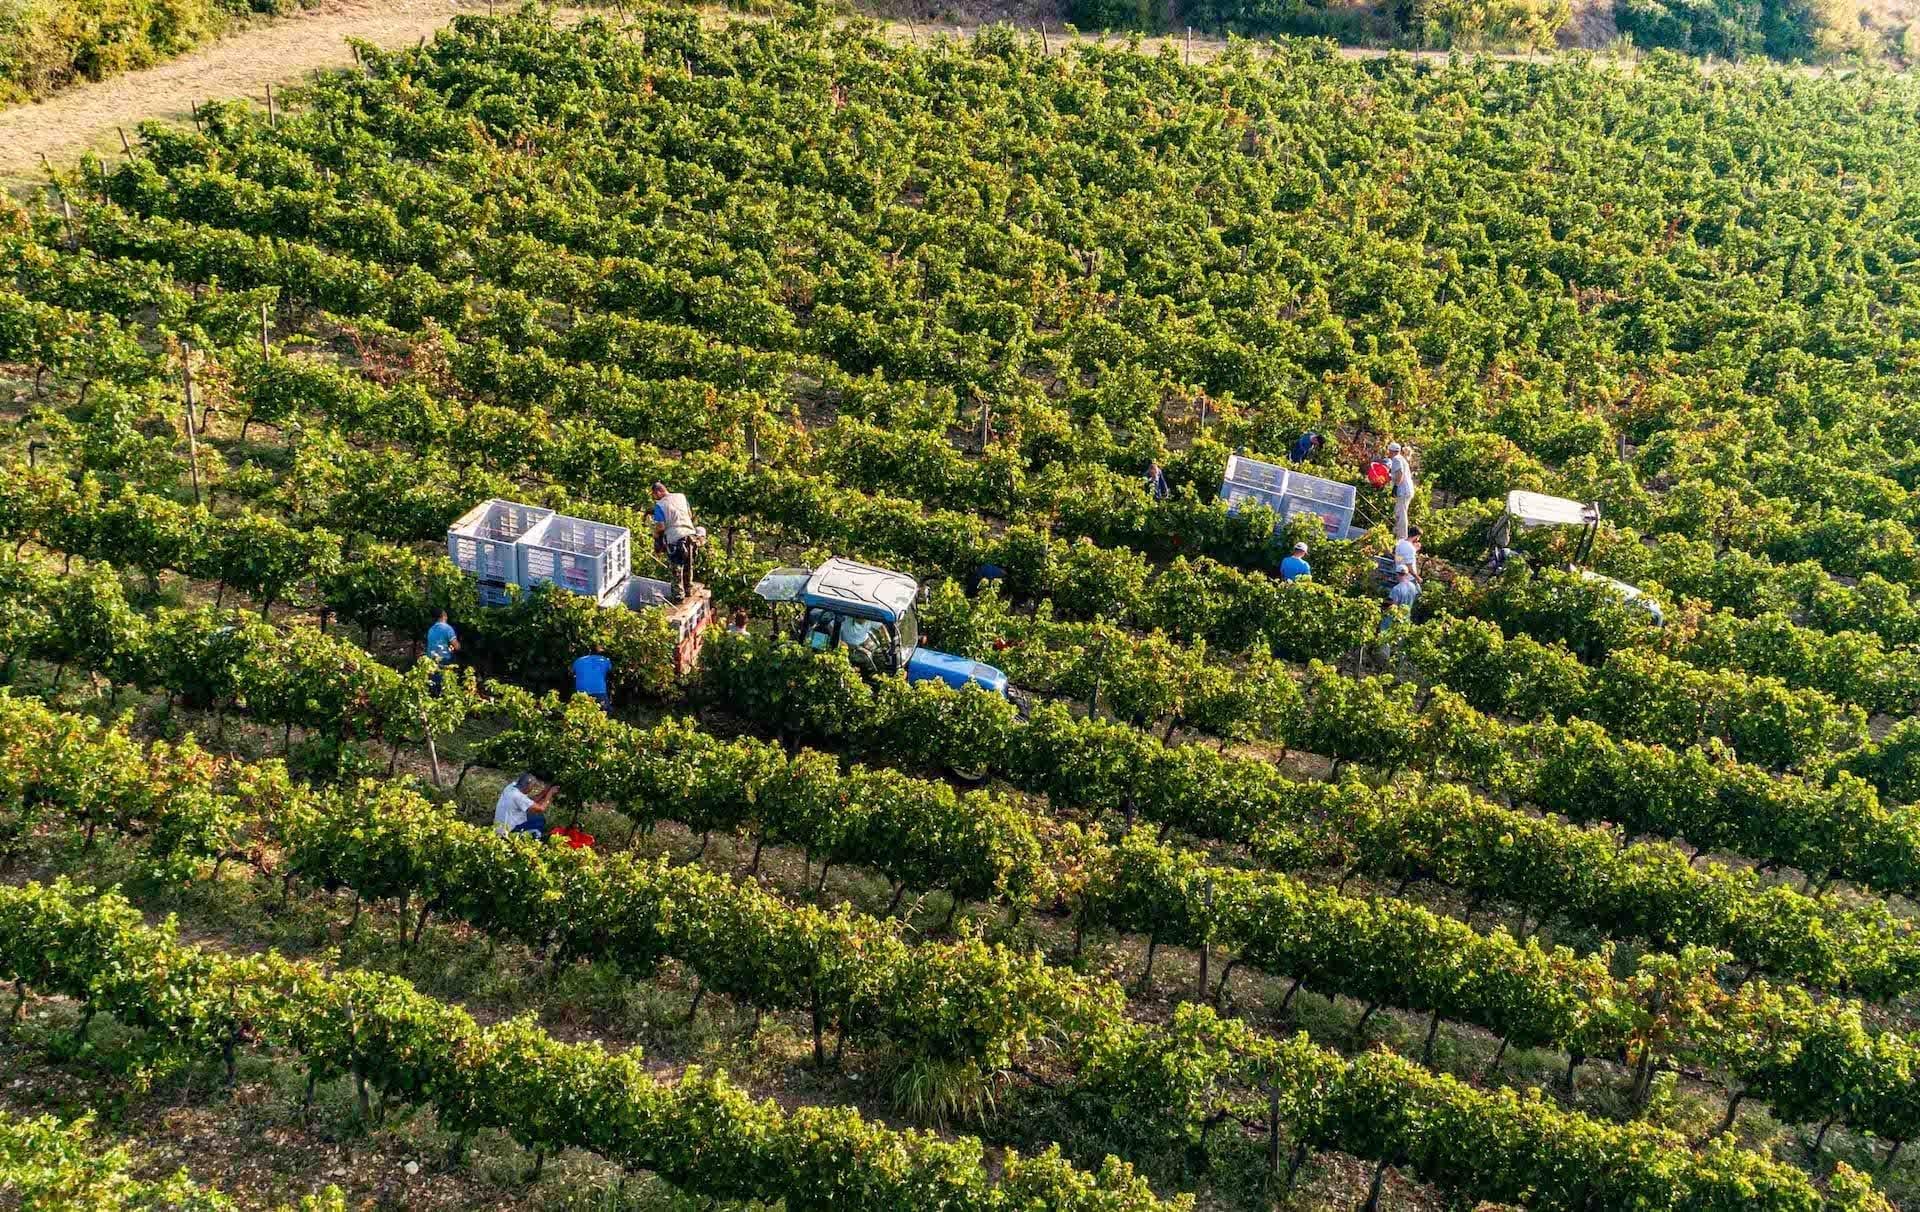 https://principecorsini.s3.eu-central-1.amazonaws.com/wp-content/uploads/2020/02/07165648/Fico-Wine-Principe-Corsini-18.jpg